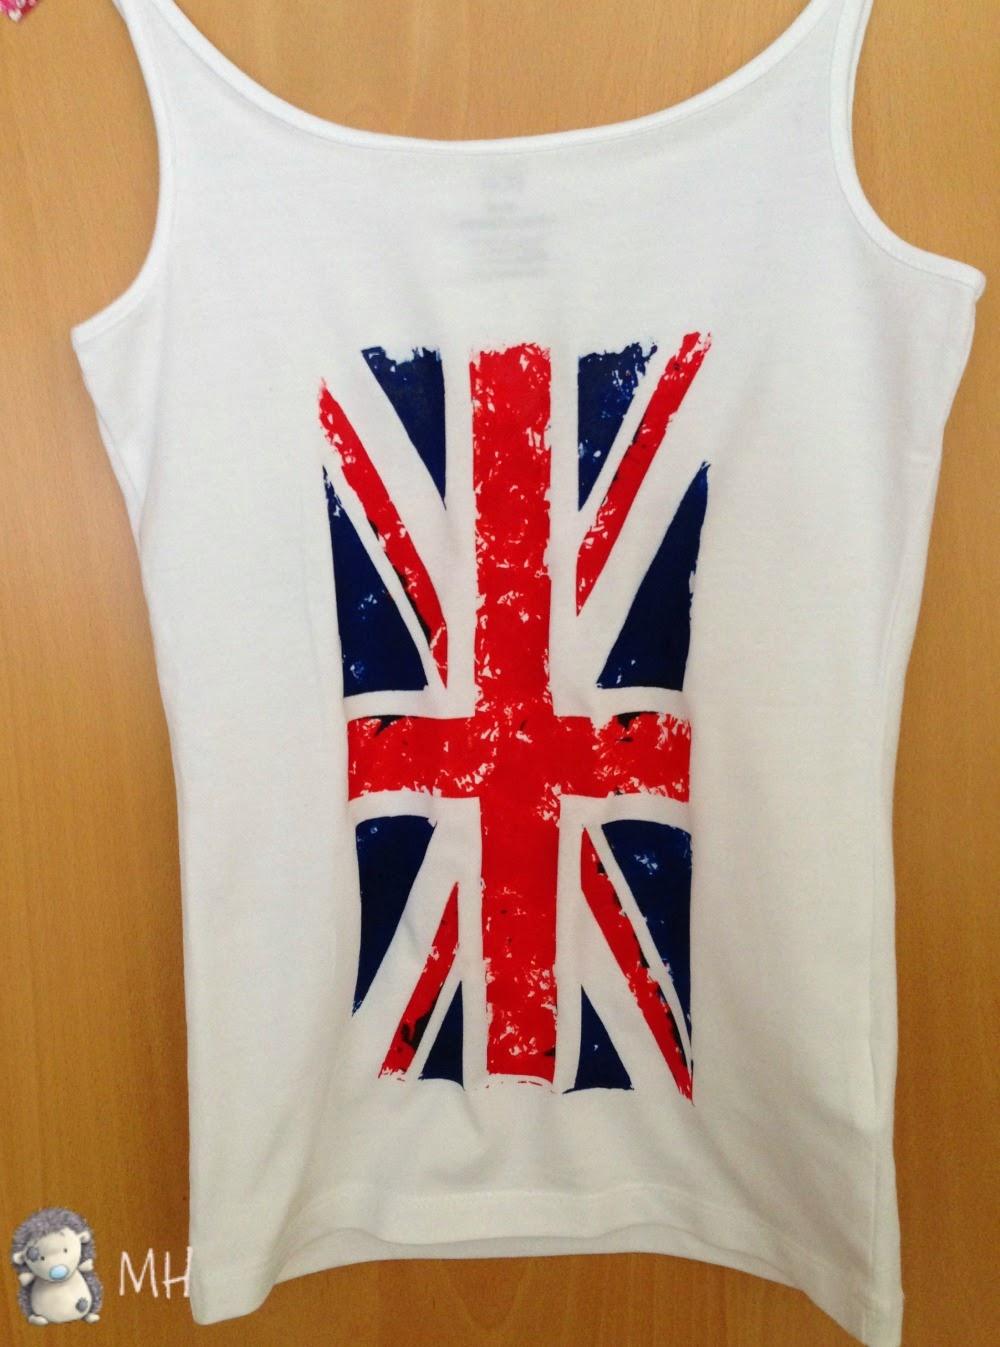 camiseta con plastidecor